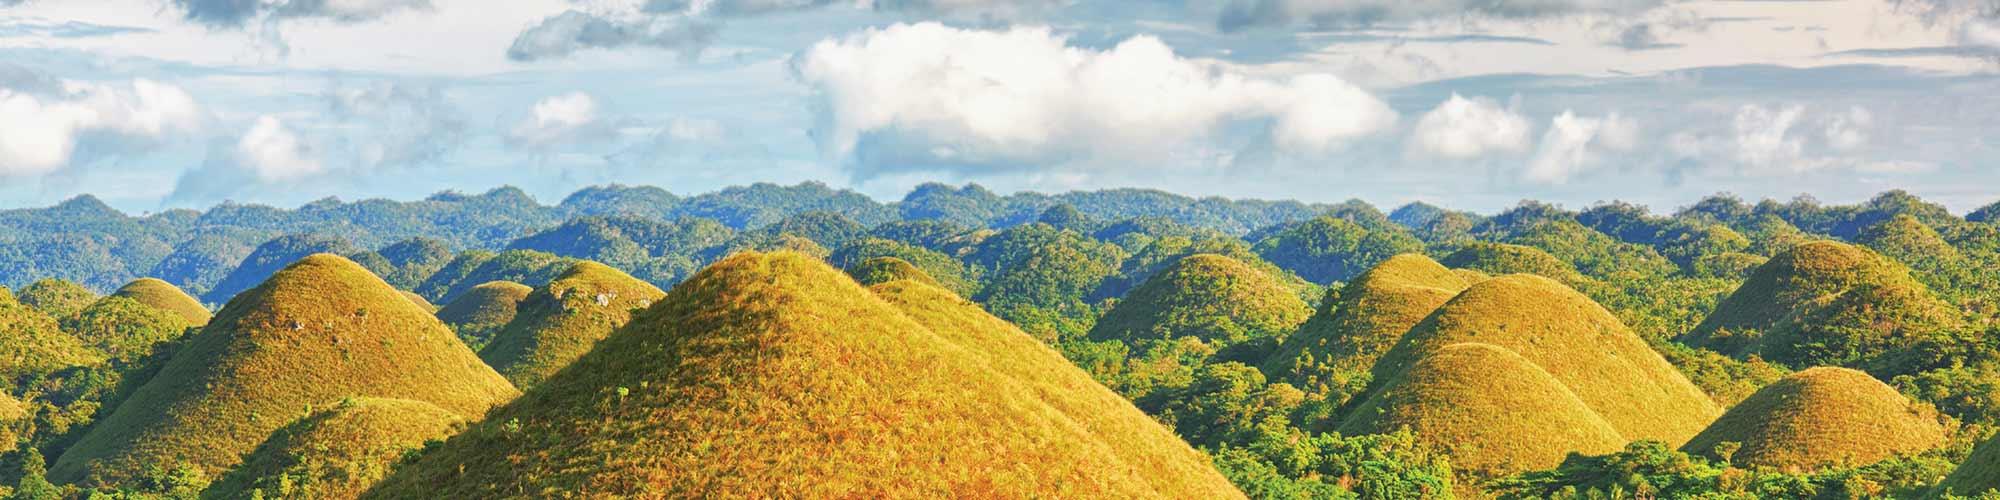 philippines-banner-8.jpg